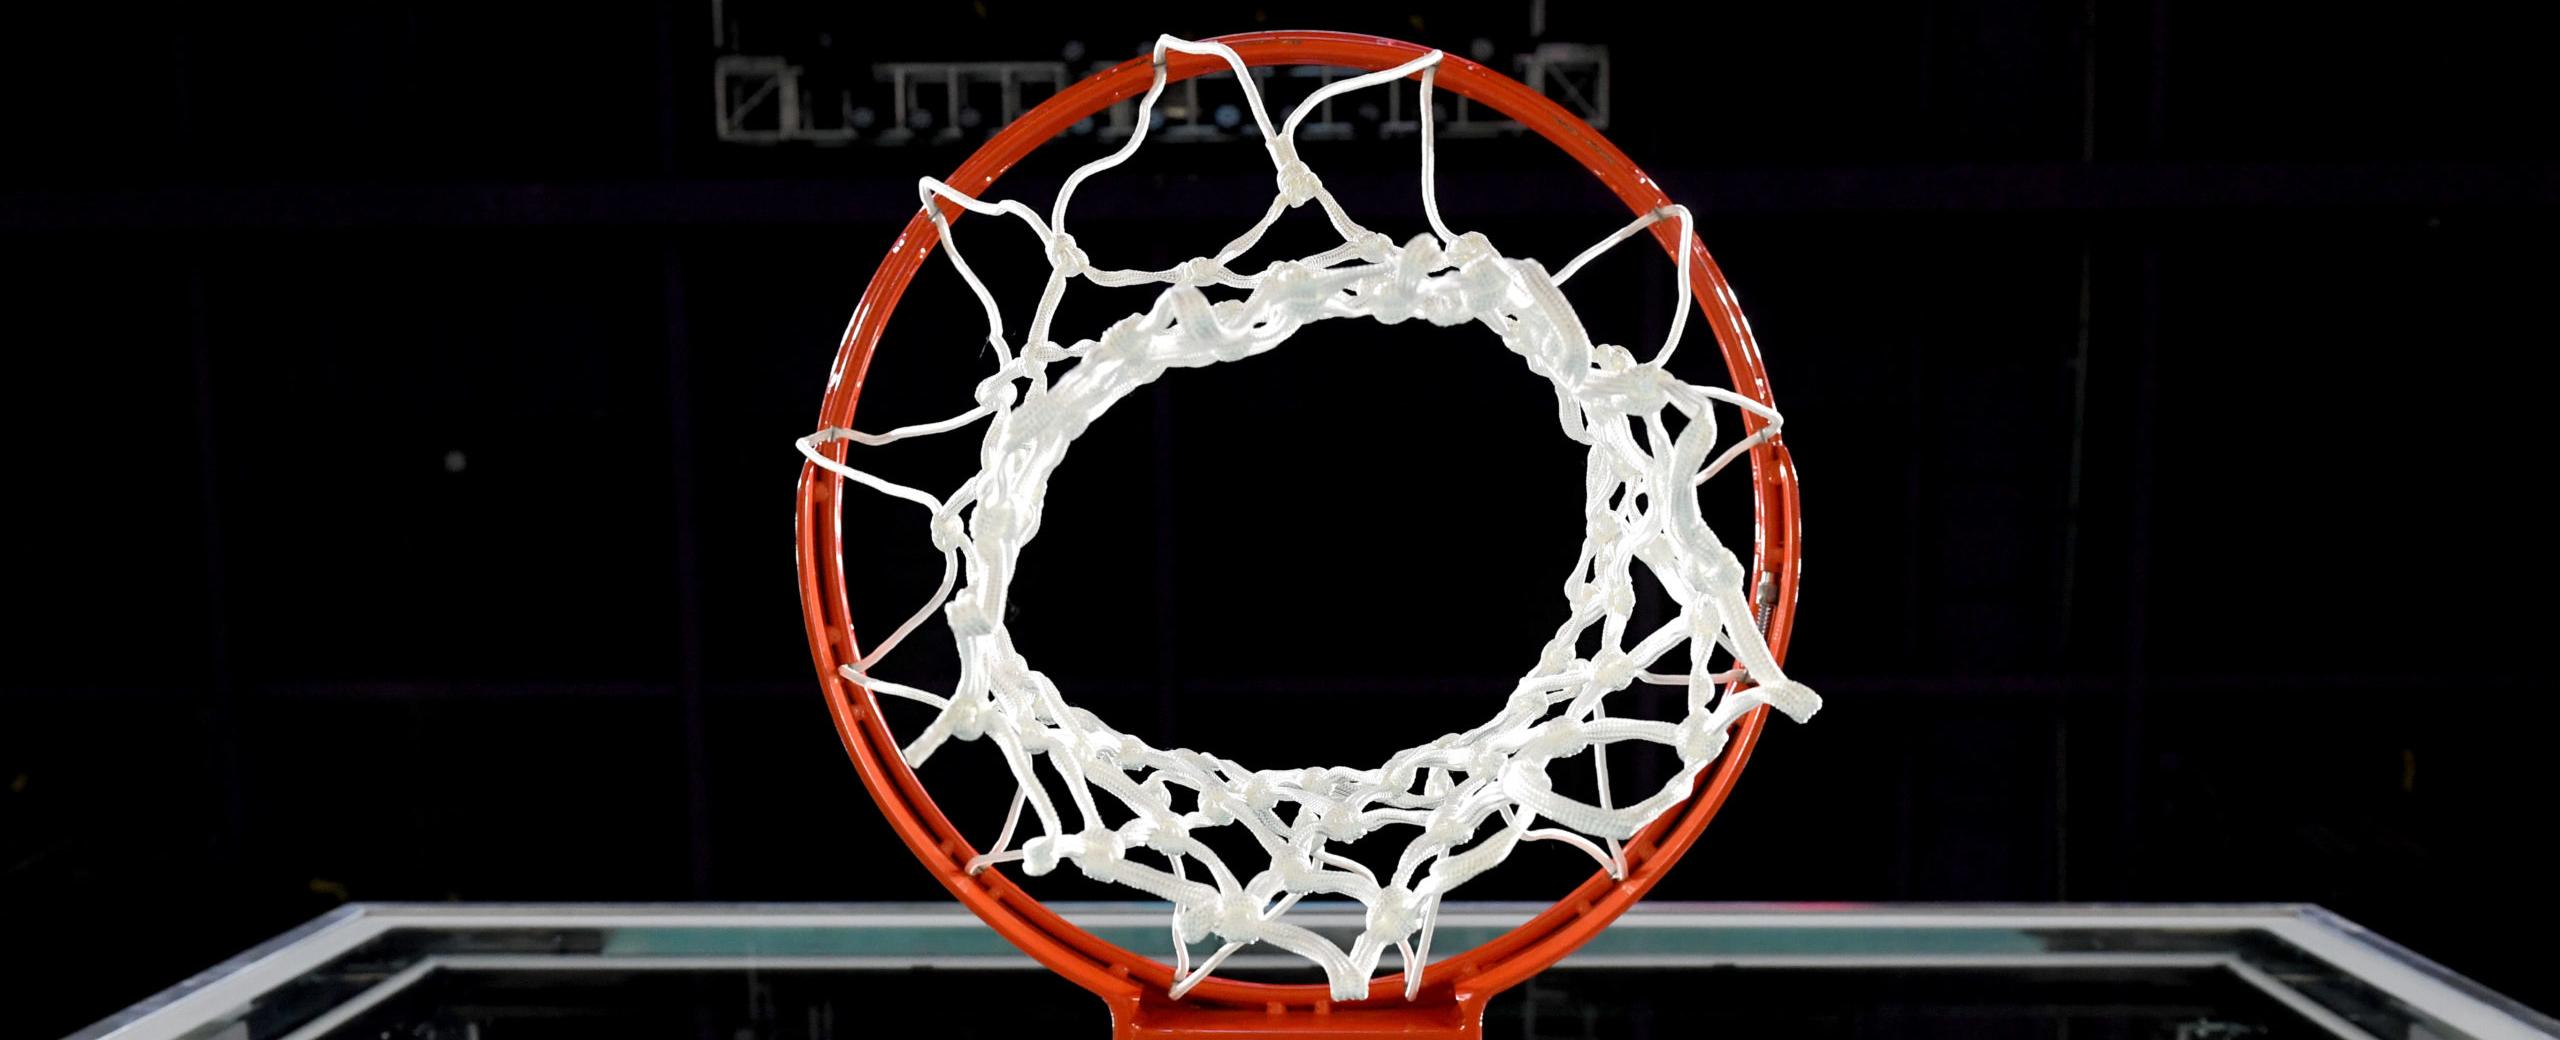 Pronostici NBA playoff: Bucks spalle al muro e con Giannis in forse, i Lakers hanno un grosso problema